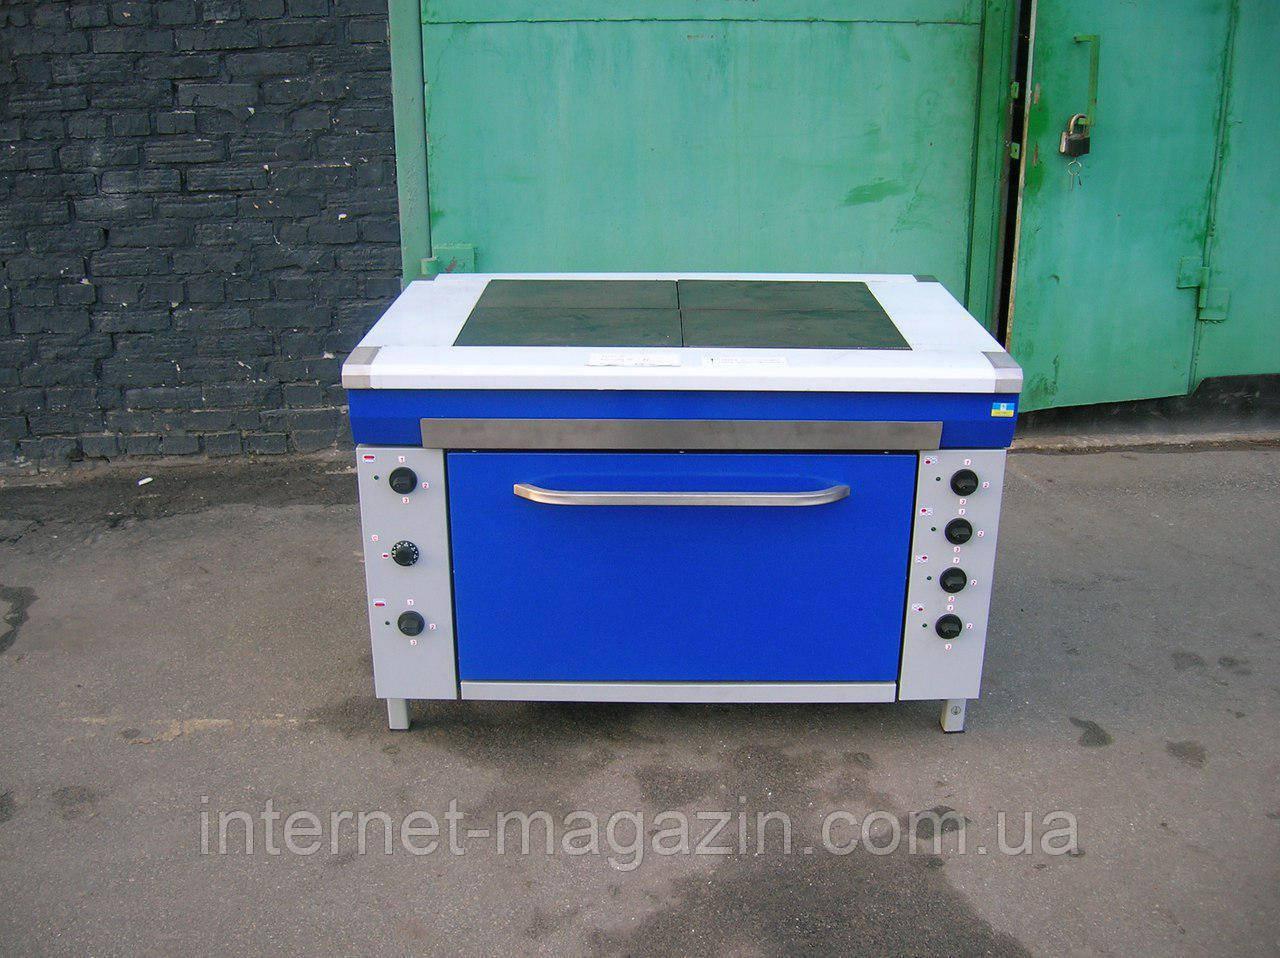 Плита электрическая кухонная со шкафом ЕПК 4Ш